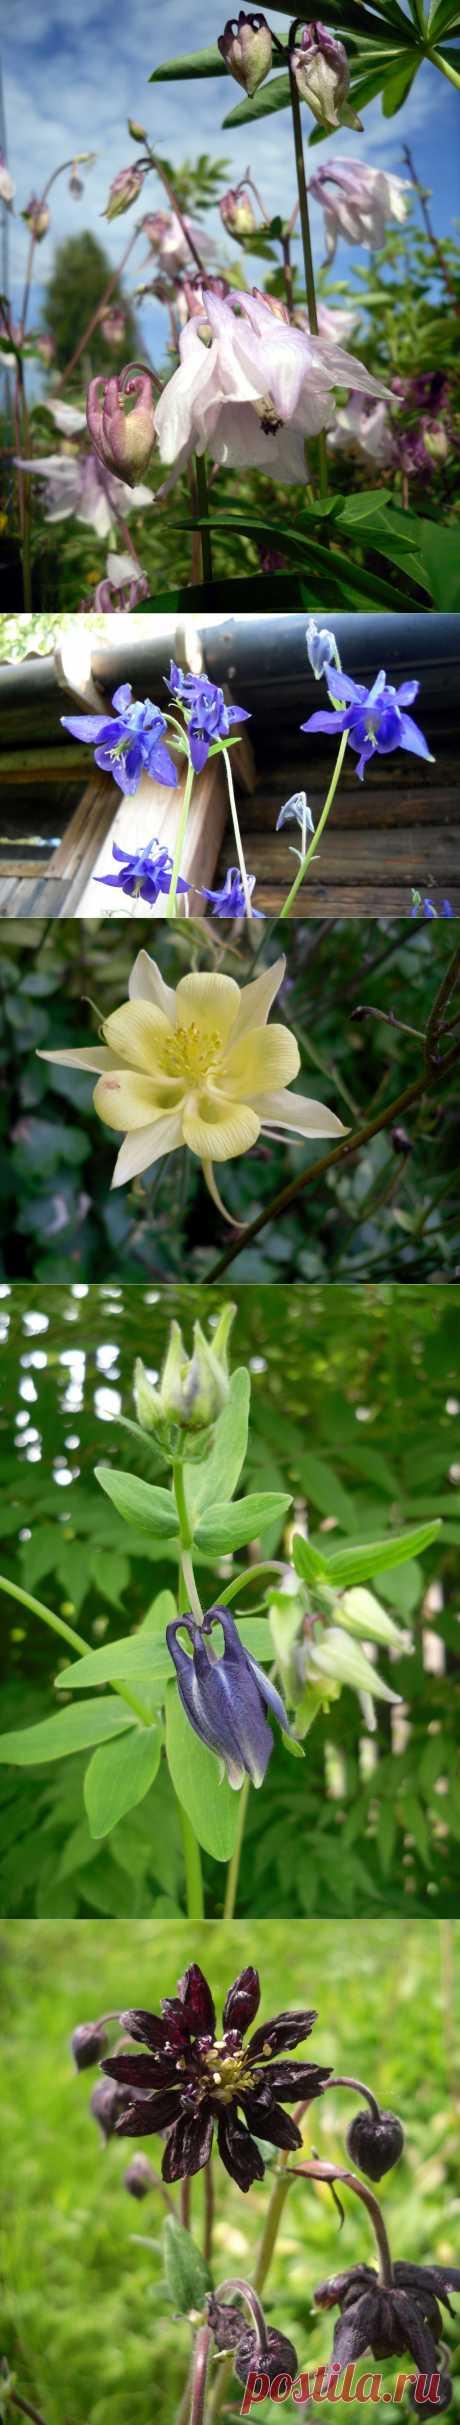 Аквилегия: виды и выращивание!Или иначе — водосбор, выделяется совершенно необычной формой цветка с коротким искривленным или длинным прямым шпорцем. Цветки располагаются на высоких цветоносах, поднимающихся над густой листвой. Аквилегия — многолетнее растение, которое, тем не менее, регулярно (каждые 3 — 4 года) нуждается в обновлении посадок. Впрочем, это обычно не проблема, потому что водосборы хорошо размножаются самосевом.